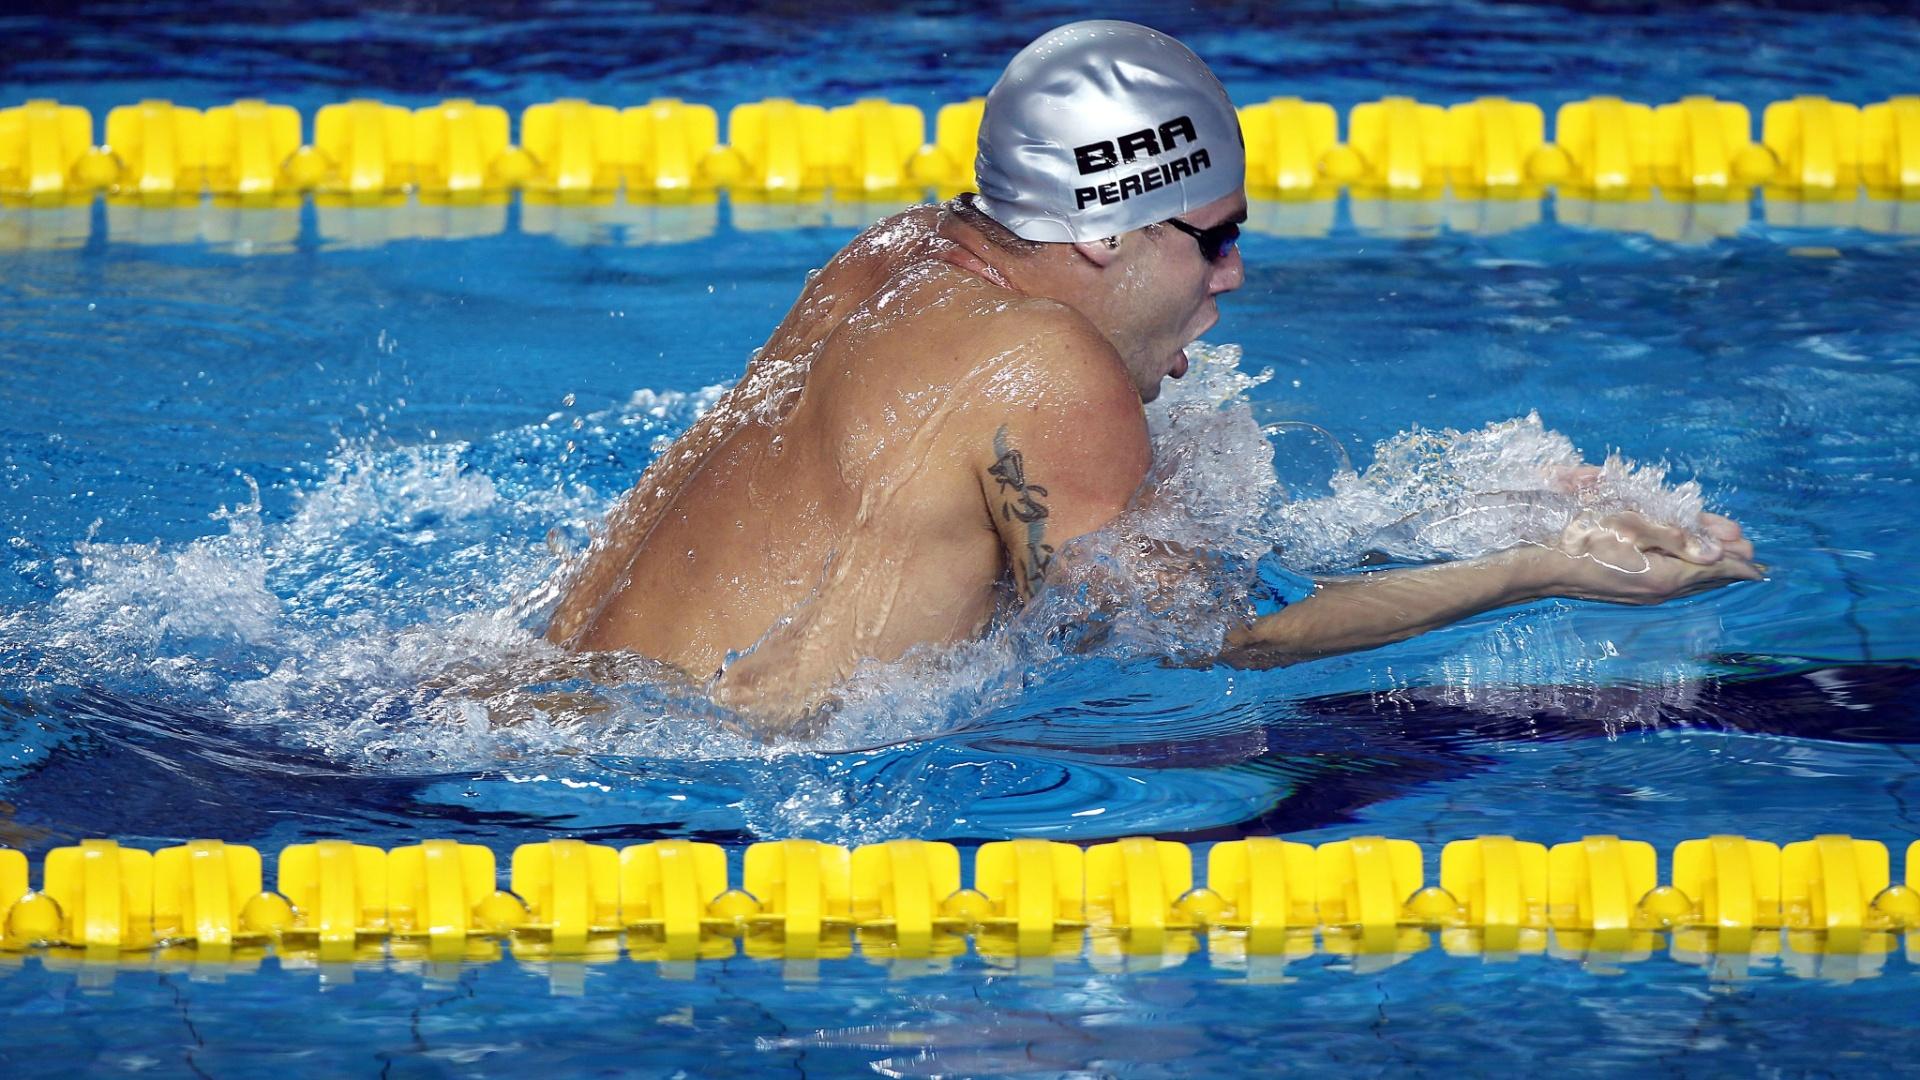 Thiago Pereira nada peito na prova dos 400m medley para conquistar a medalha de ouro no Pan (15/10/2011)